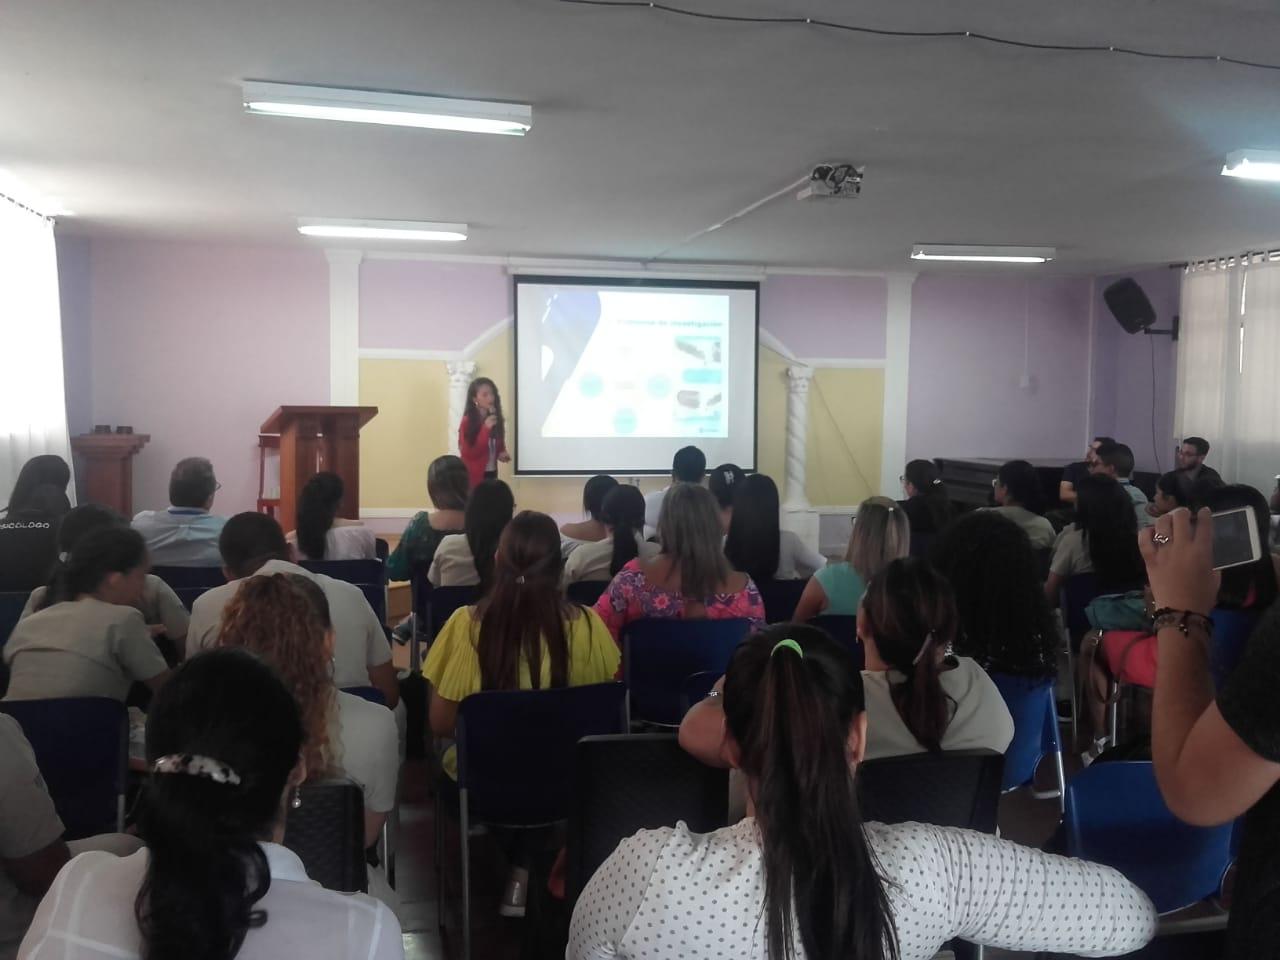 Presentación de proyectos de prácticas profesionales del programa de Psicología.